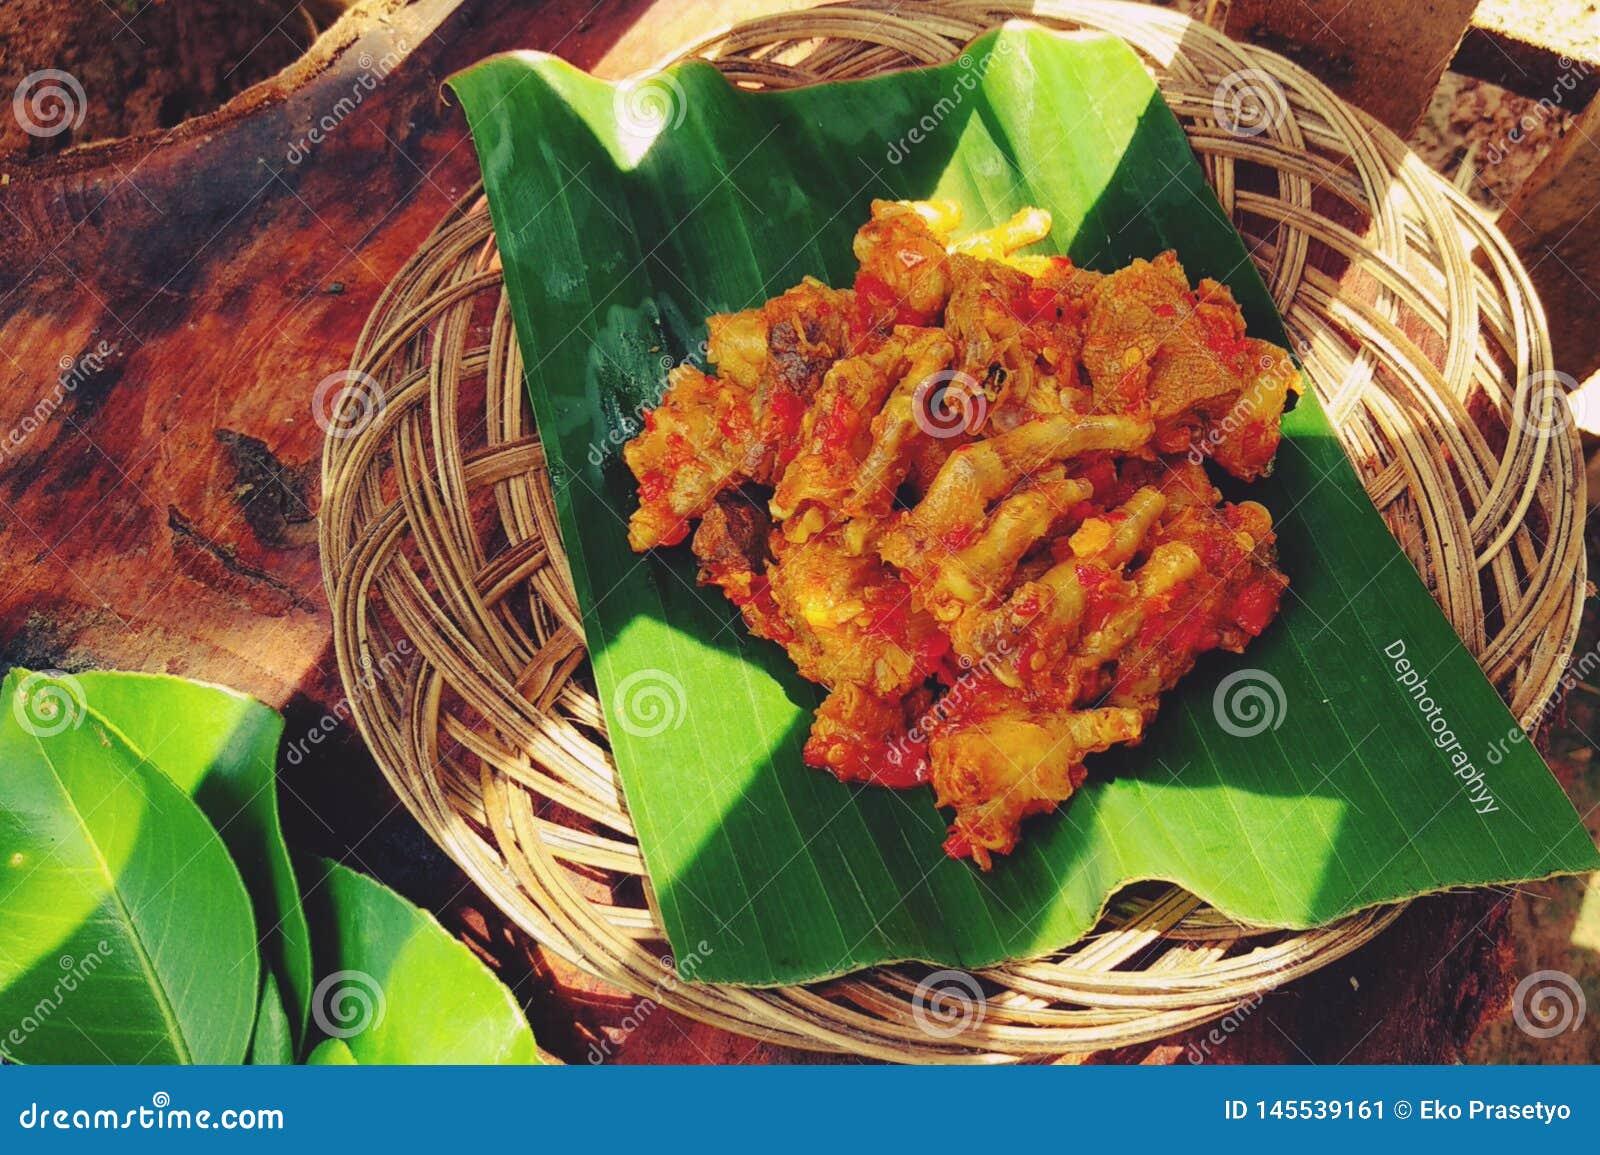 Rica-Rica Ayam is een voedselmenu dat een kruidige, smakelijke en zoete smaak met het aroma van kruiden heeft